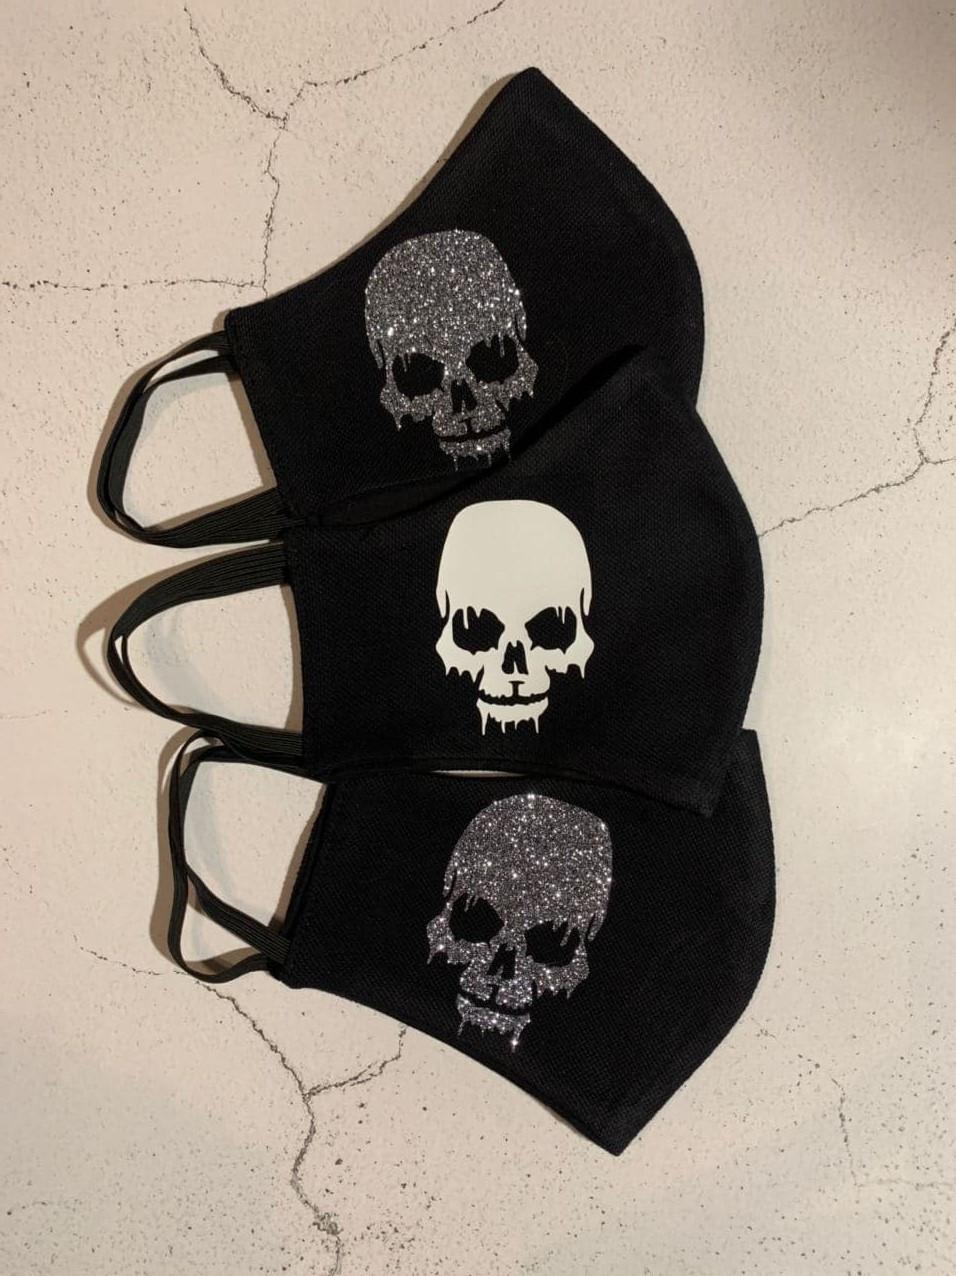 Черная тканевая маска (защитная многоразовая маска дли лица с рисунком)